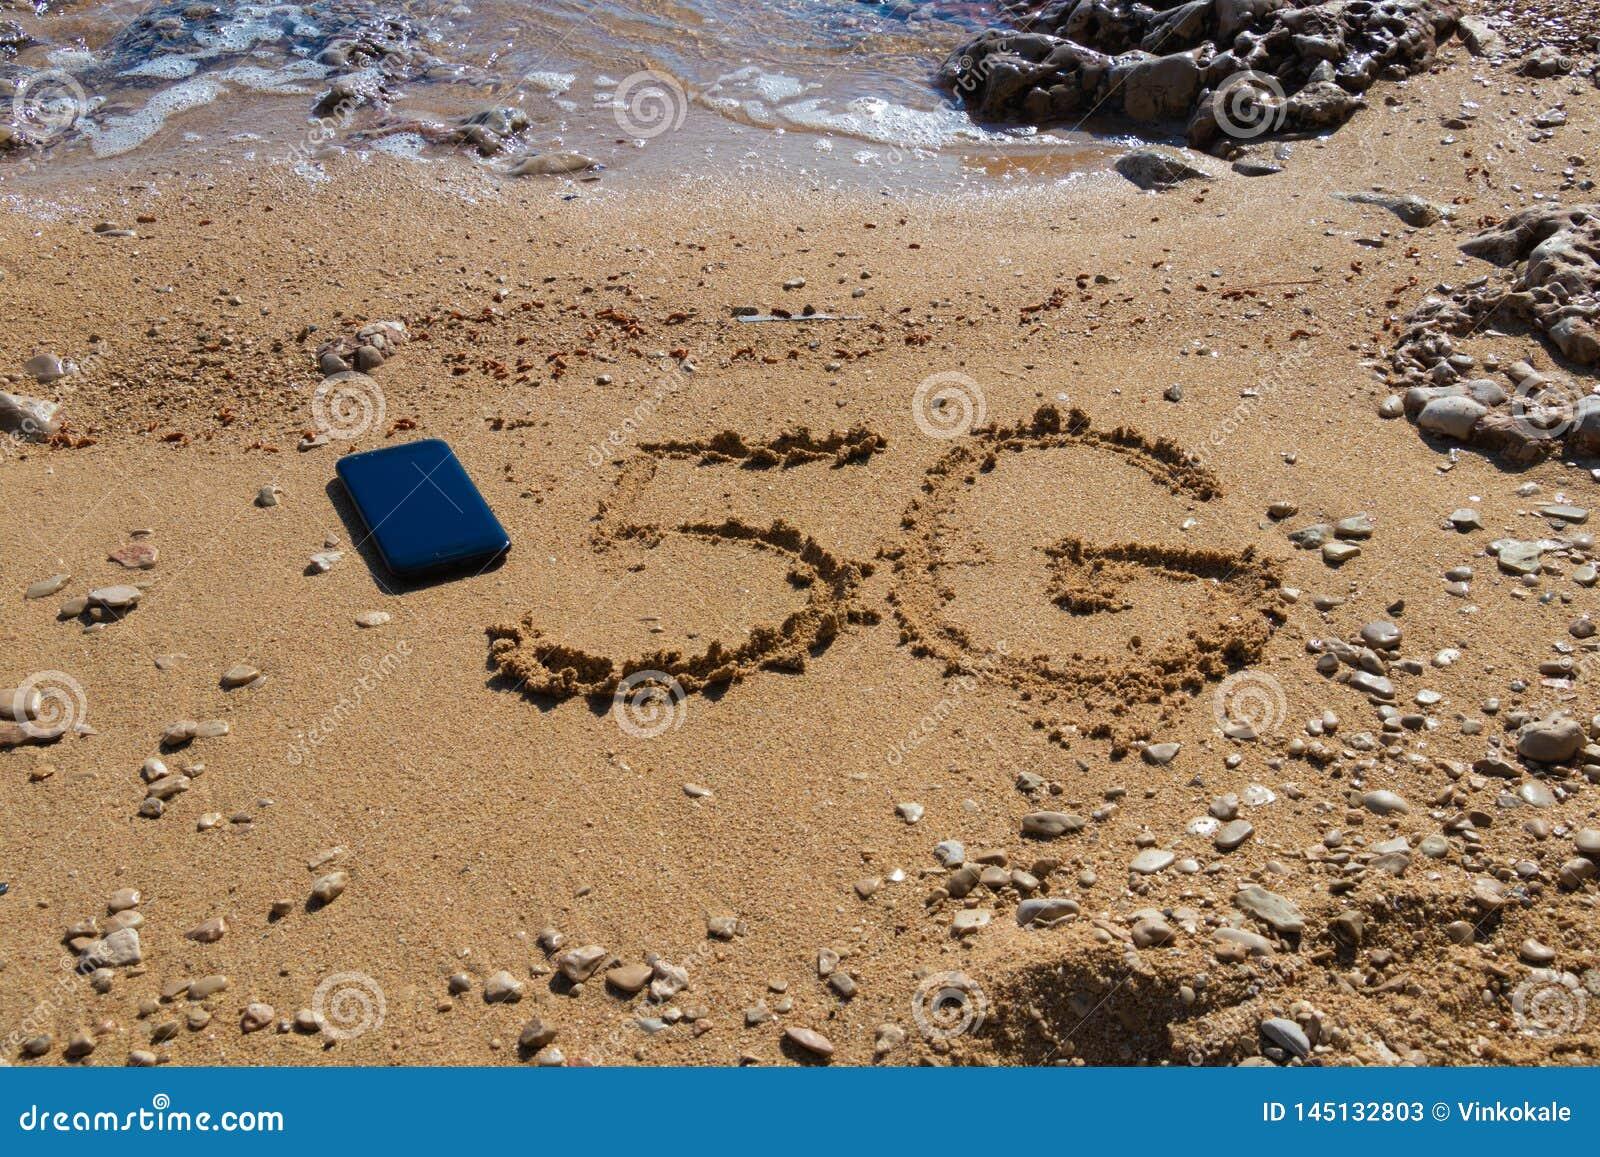 Forme 5G sur le sable près du téléphone portable